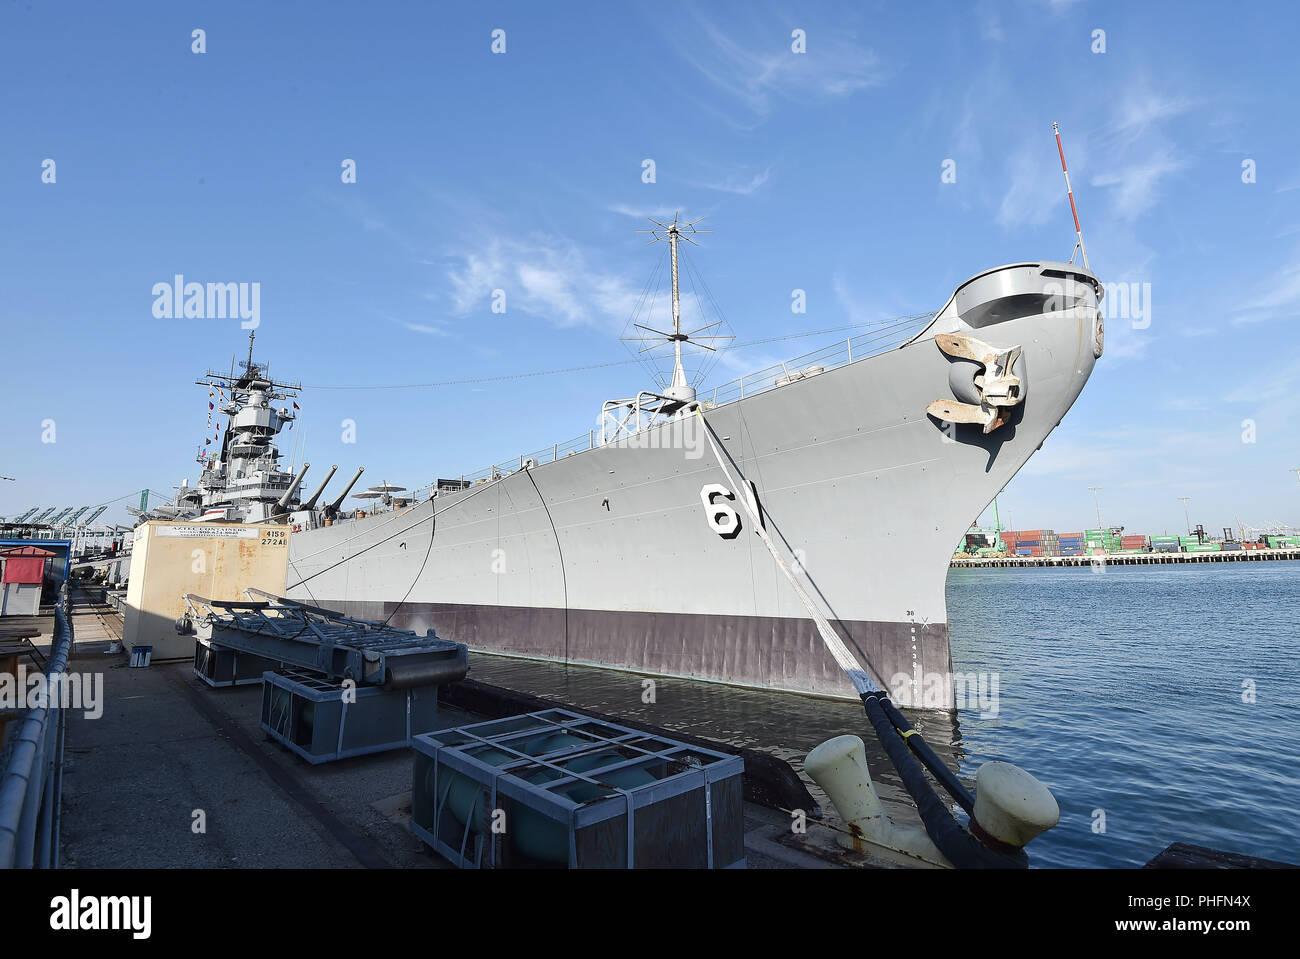 USS Corazzata USS IOWA BB-61ha ospitato la premiere di Tom Clancy Jack Ryan' all'apertura notturna di Los Angeles la settimana della flotta 2018 su 31 Agosto 2018 in San Pedro in California. Foto:Jeffrey Mayer Immagini Stock